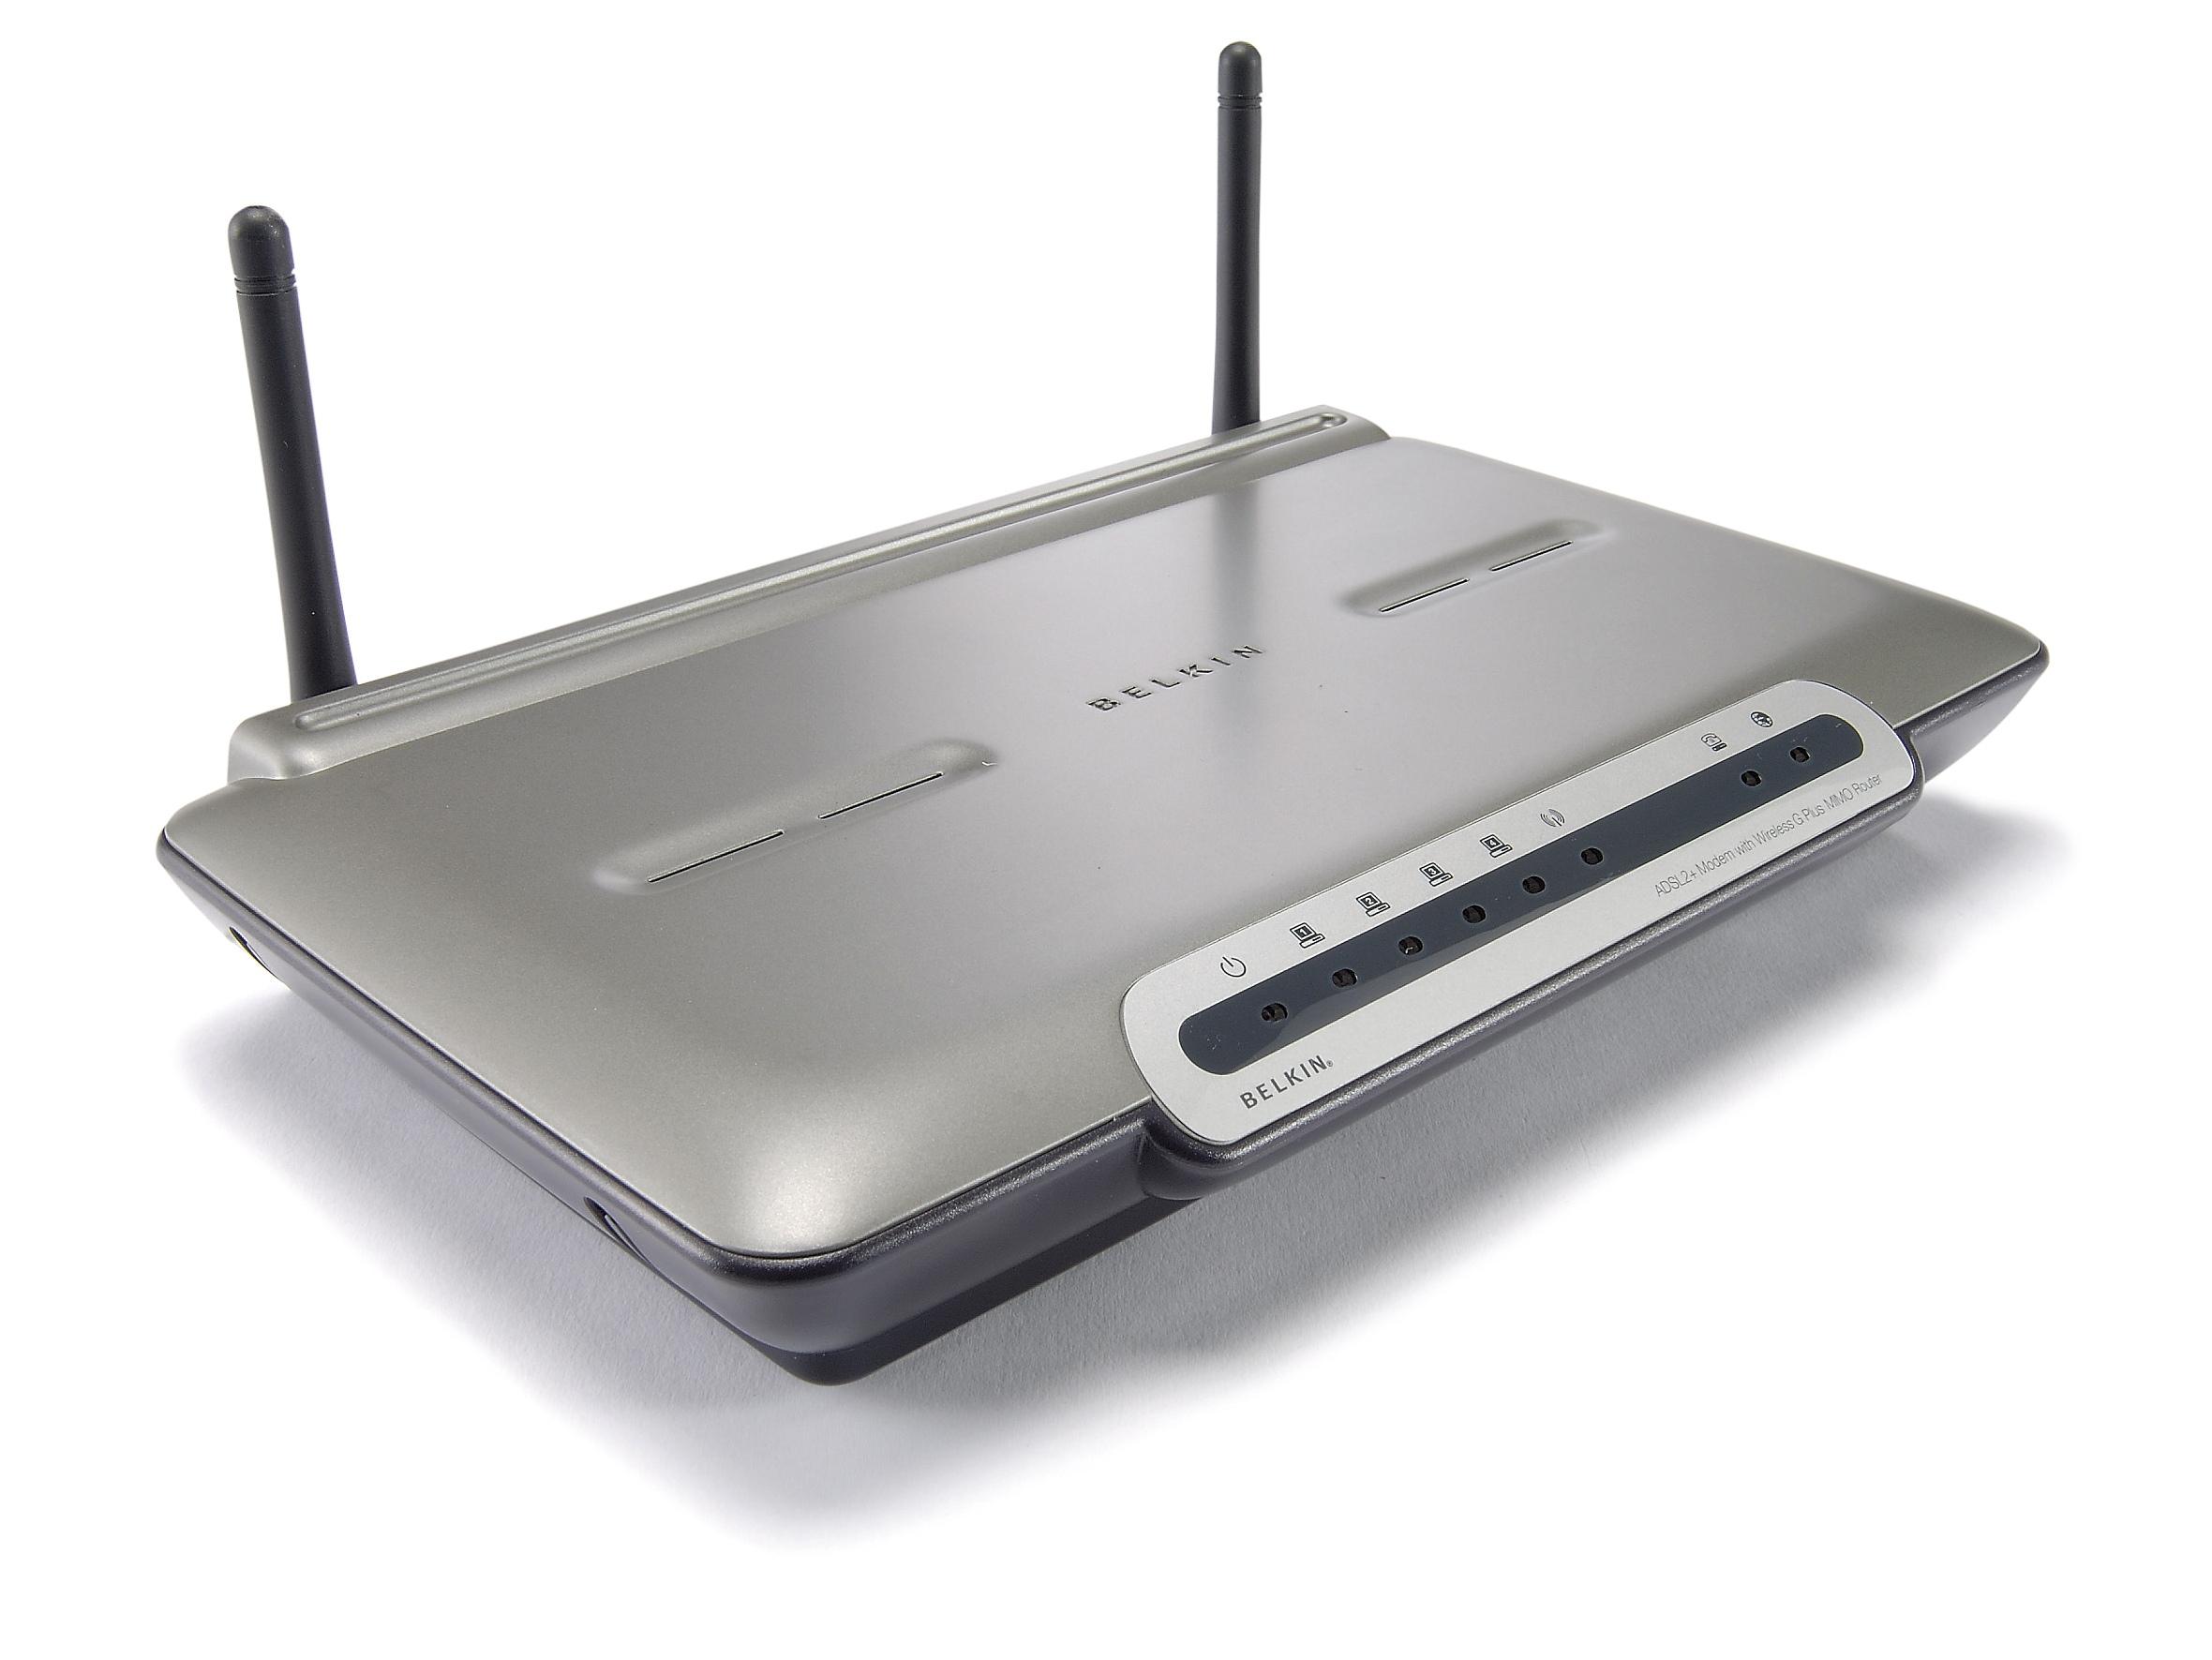 Belkin Wireless G Plus MIMO Router